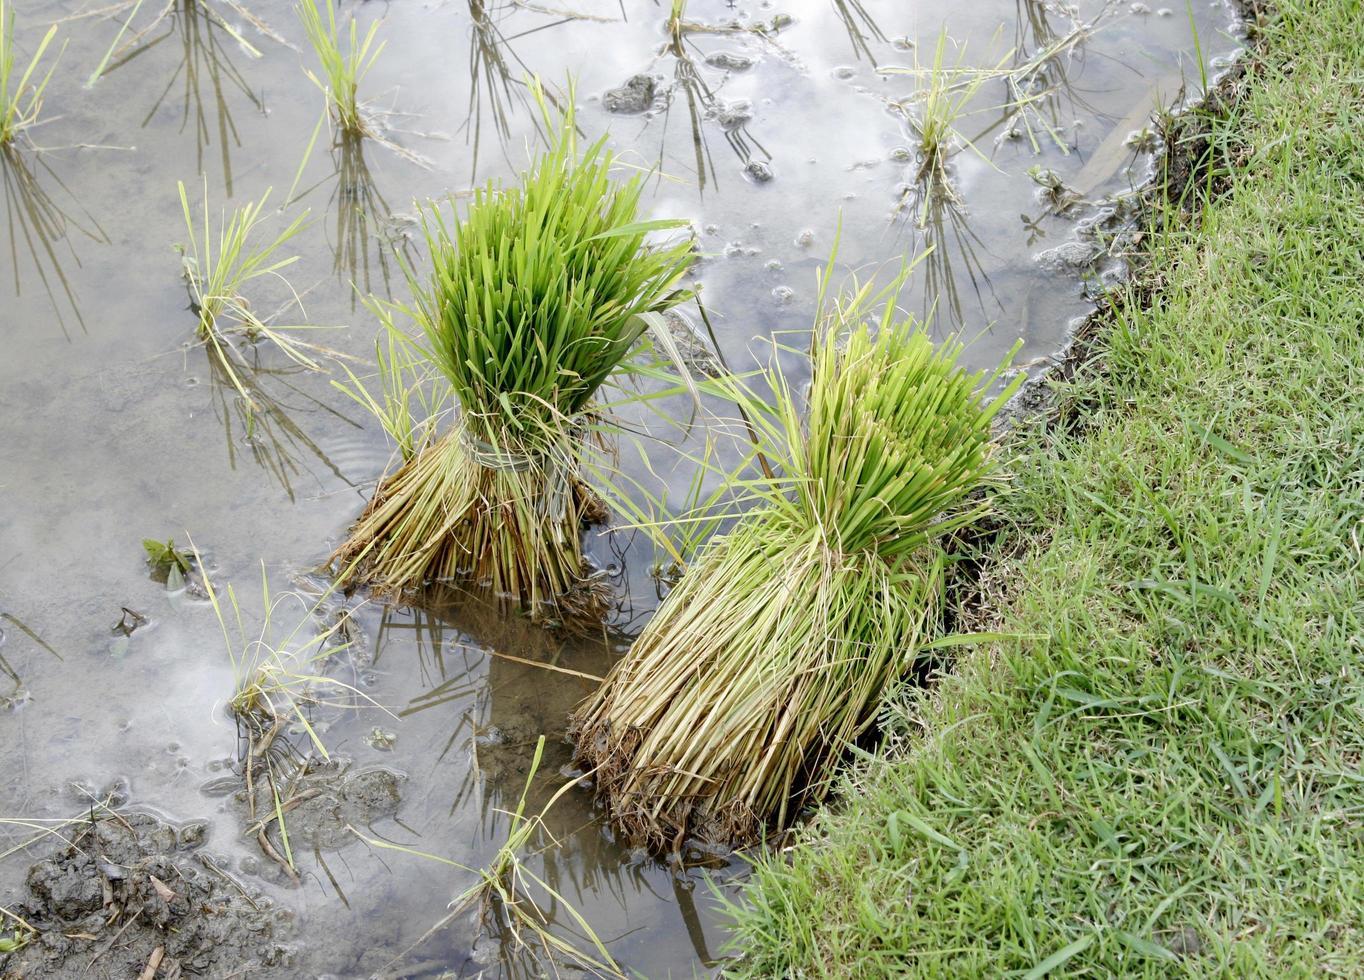 piante di riso in acqua foto